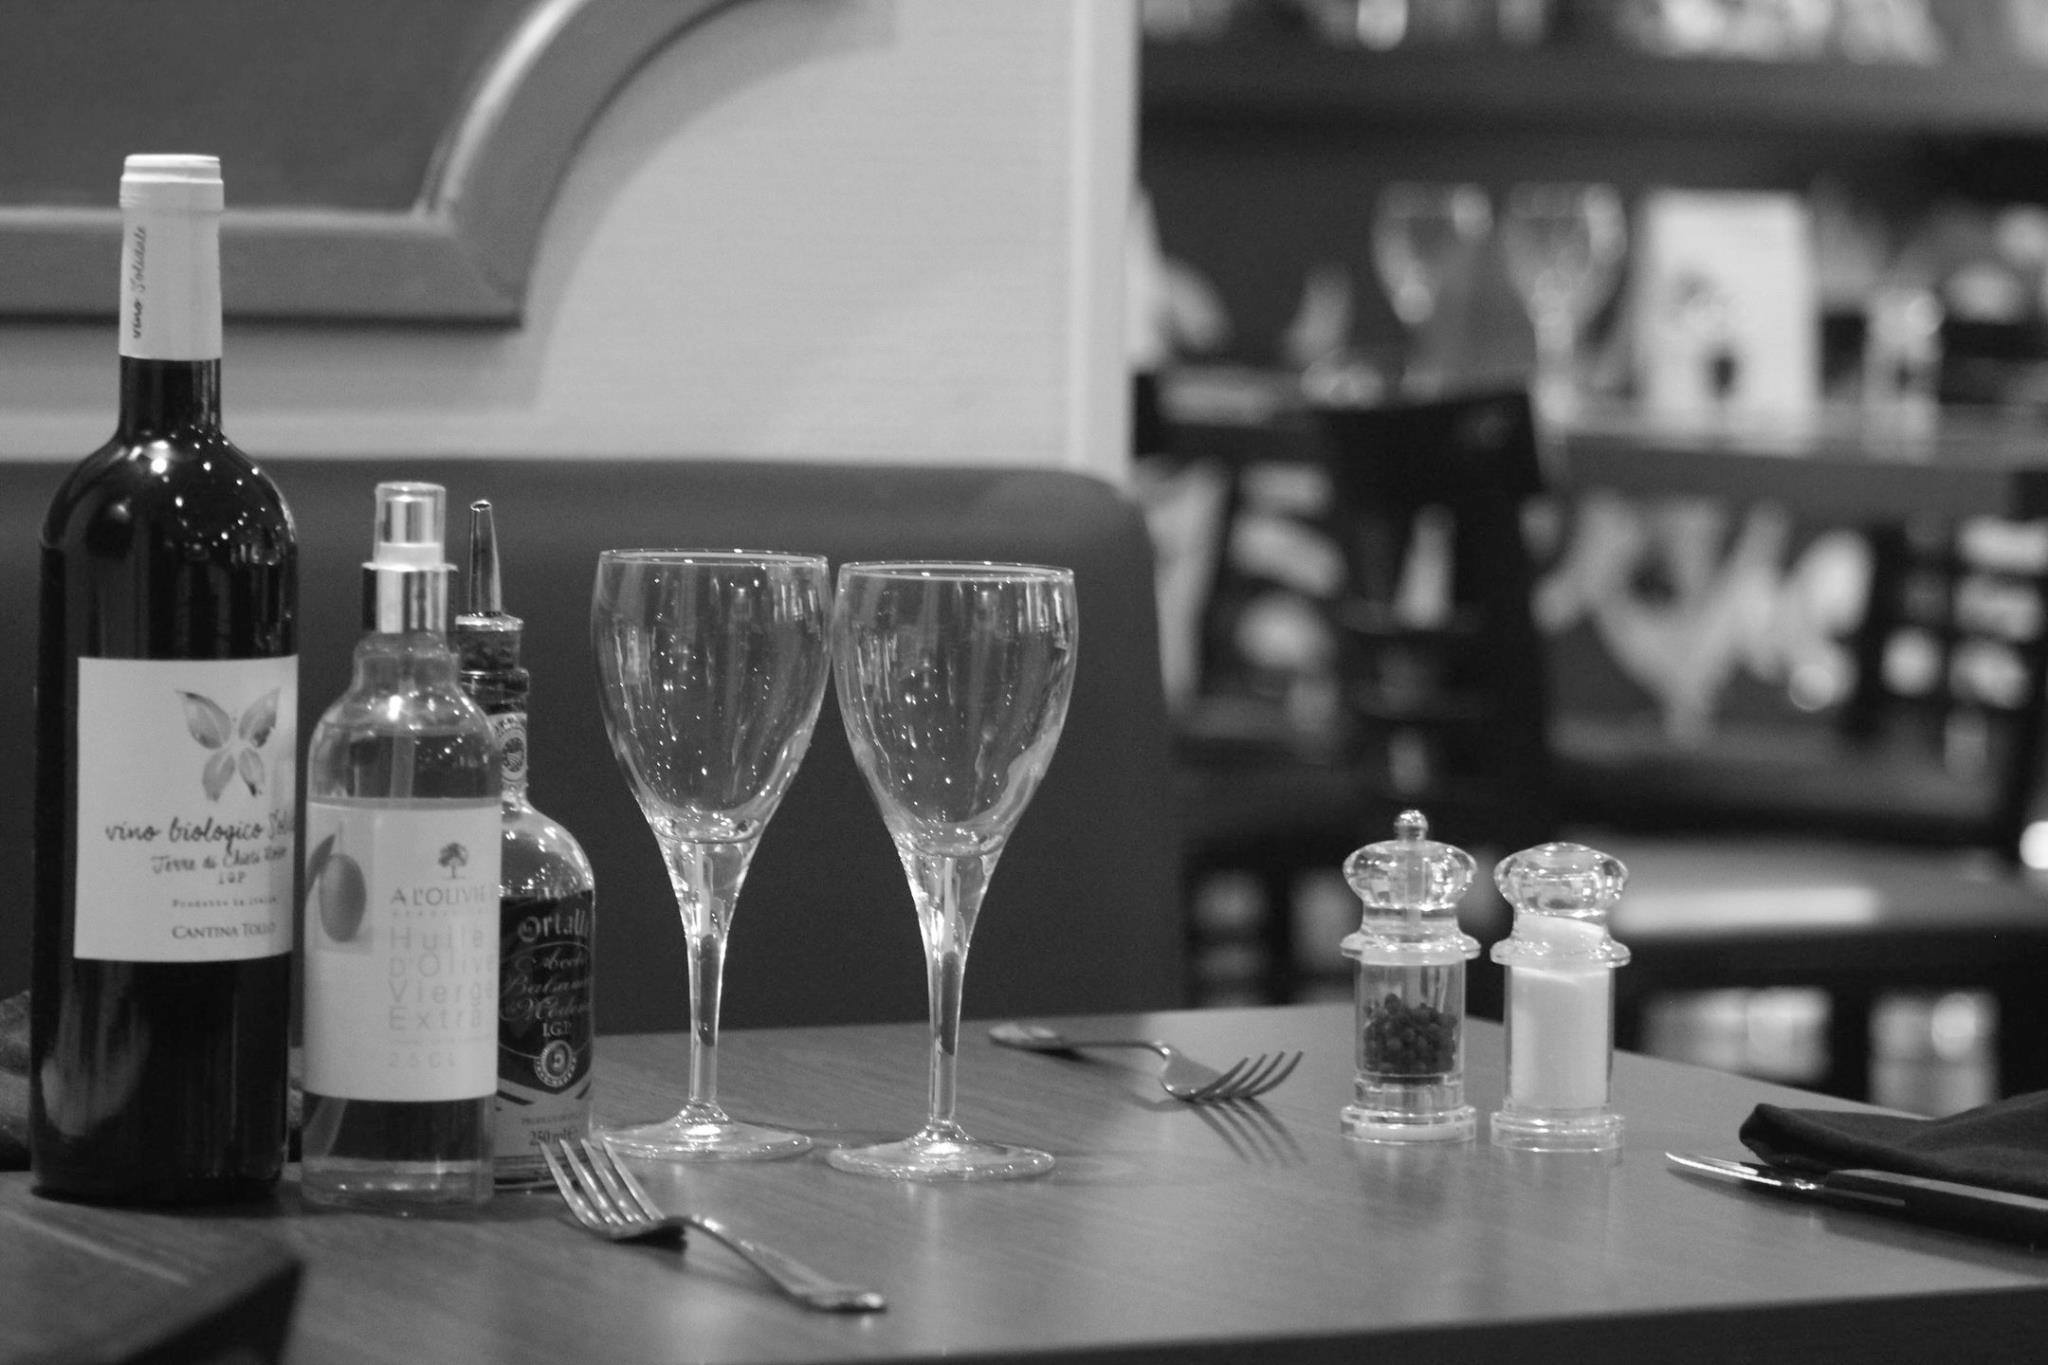 Votre restaurant pizzeria le rigoletto vous acceuille la rochelle vieux port restaurant - Restaurant vieux port la rochelle ...